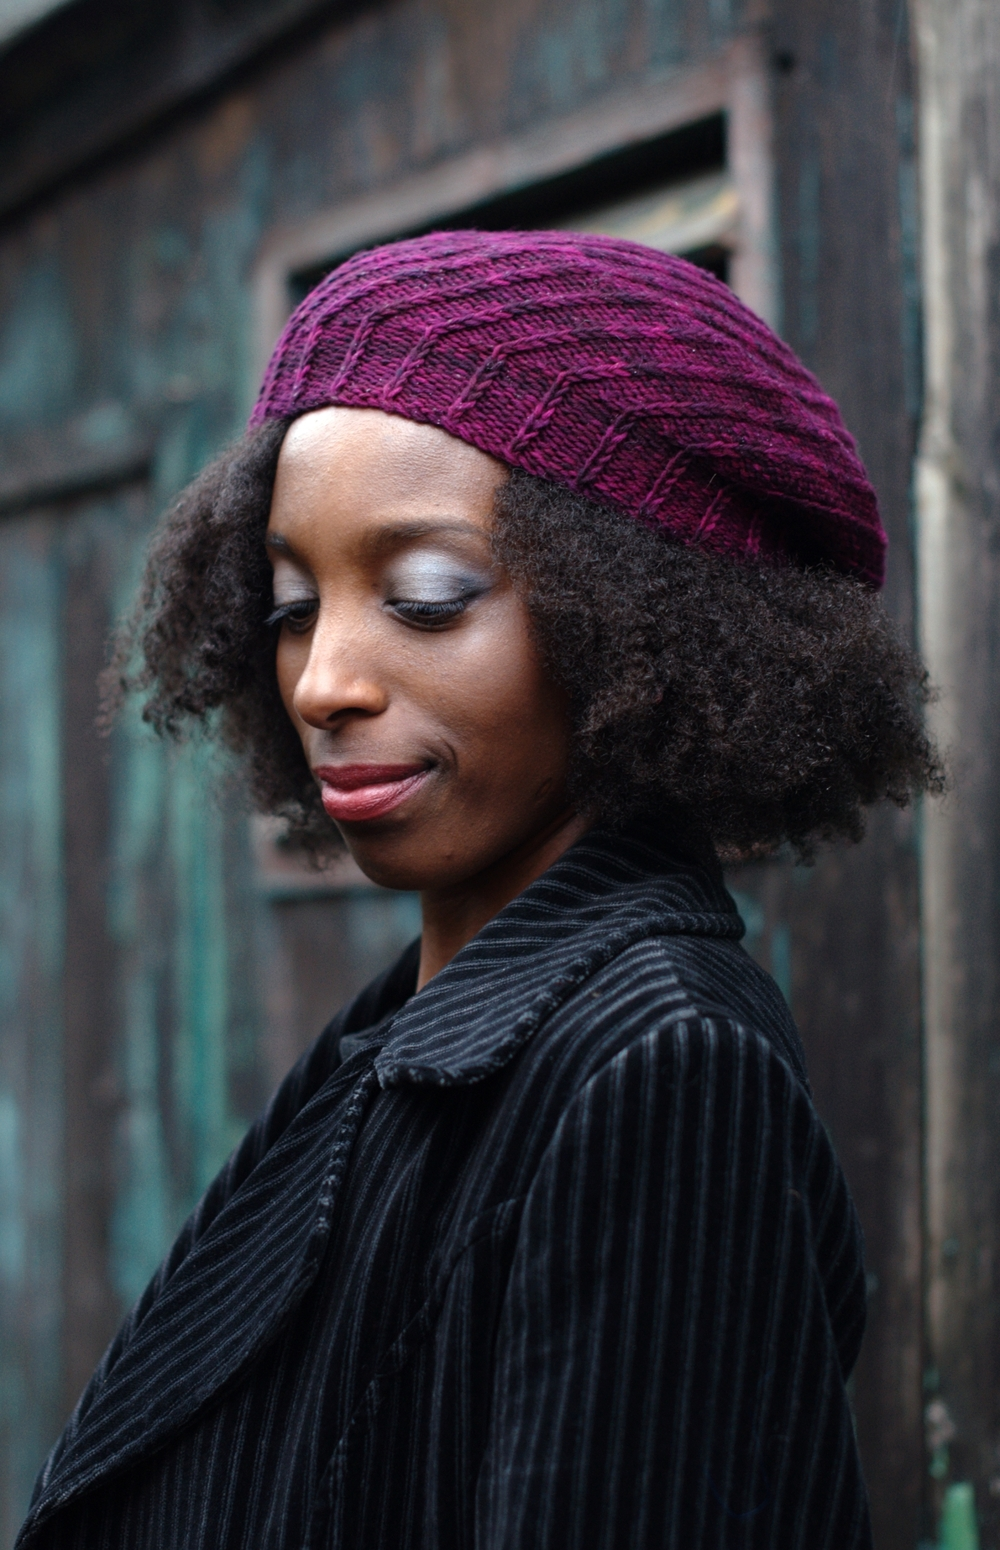 Elsica spiral beret knitting pattern